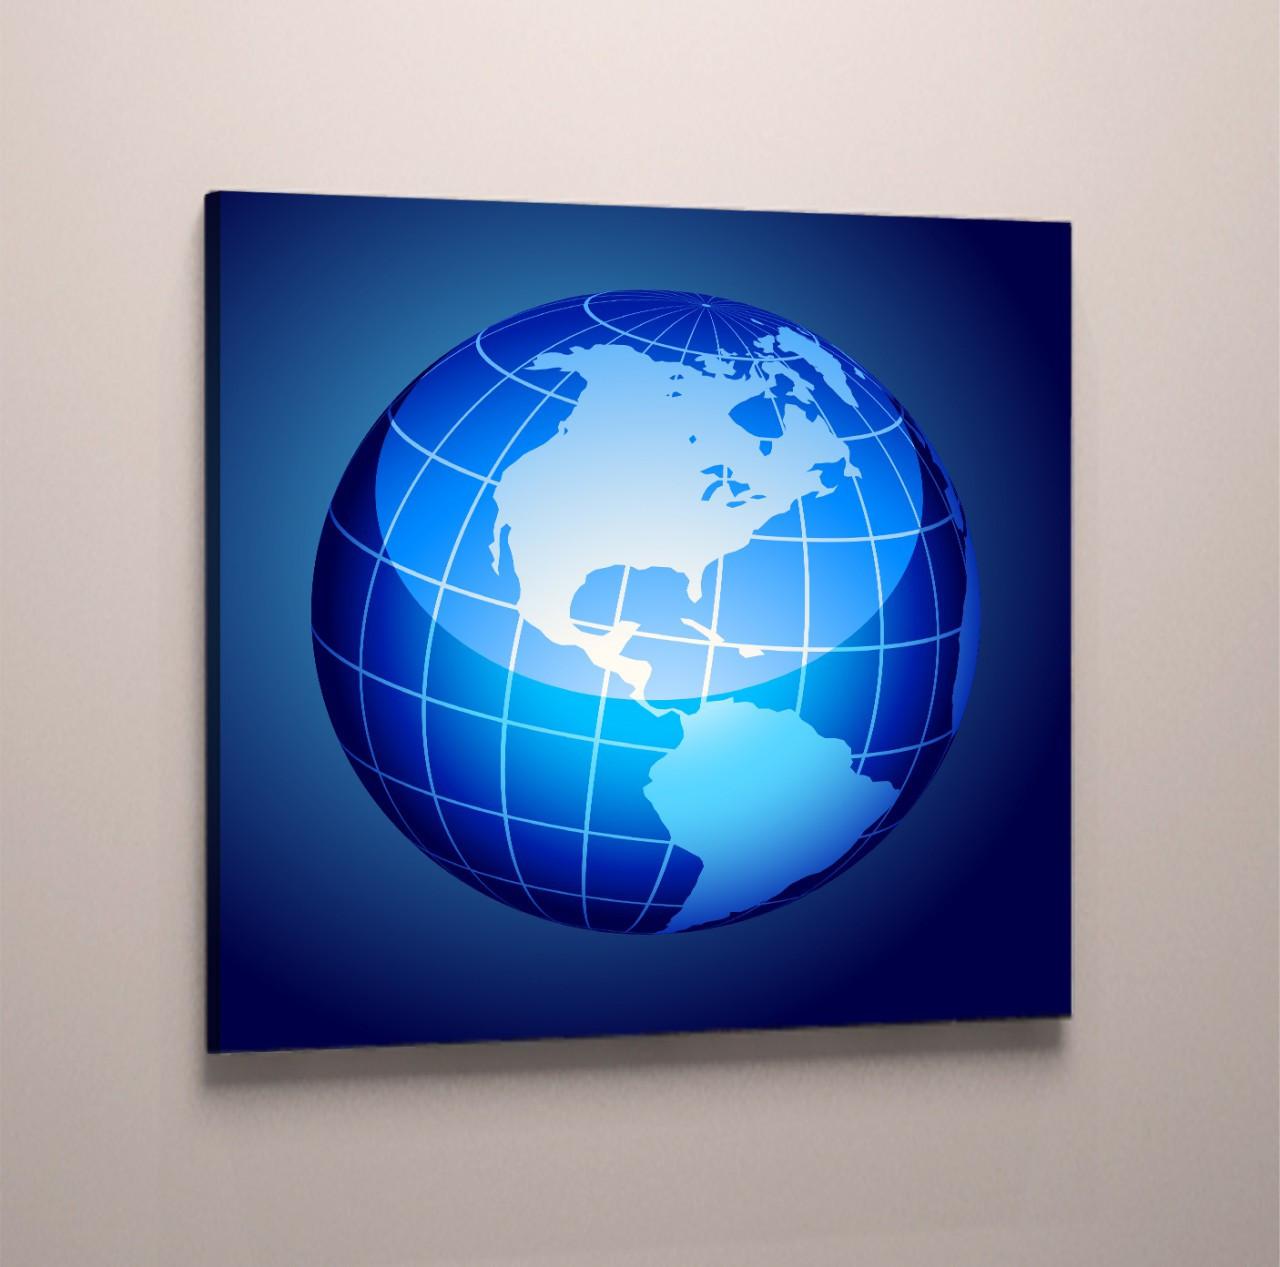 Модульная картина на холсте карта мира глобус синий голубой